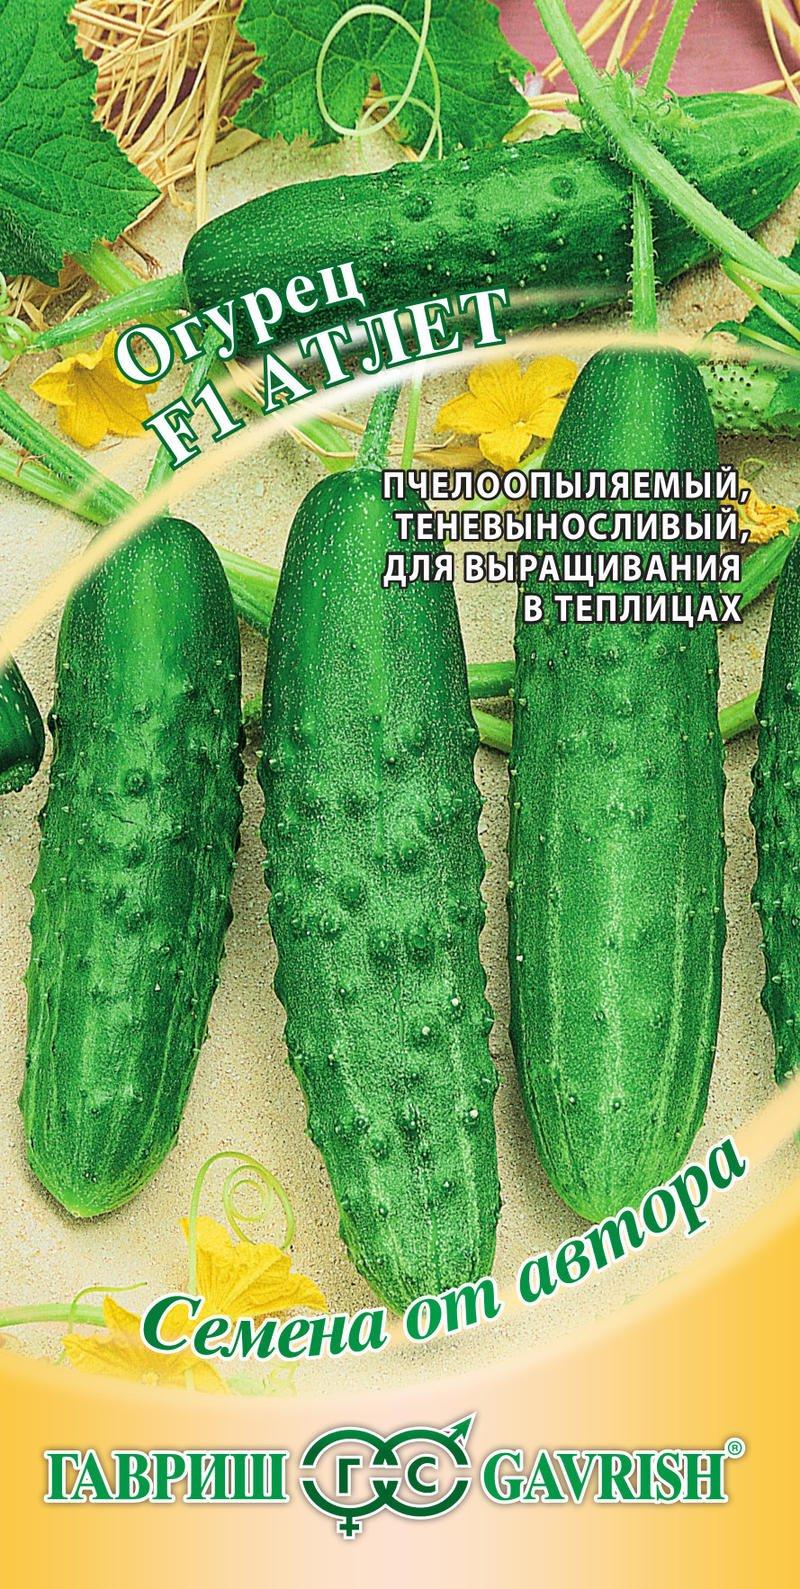 sorta-ogurtsov-dlya-teplitsy-foto-opisanie-harakteristiki-01